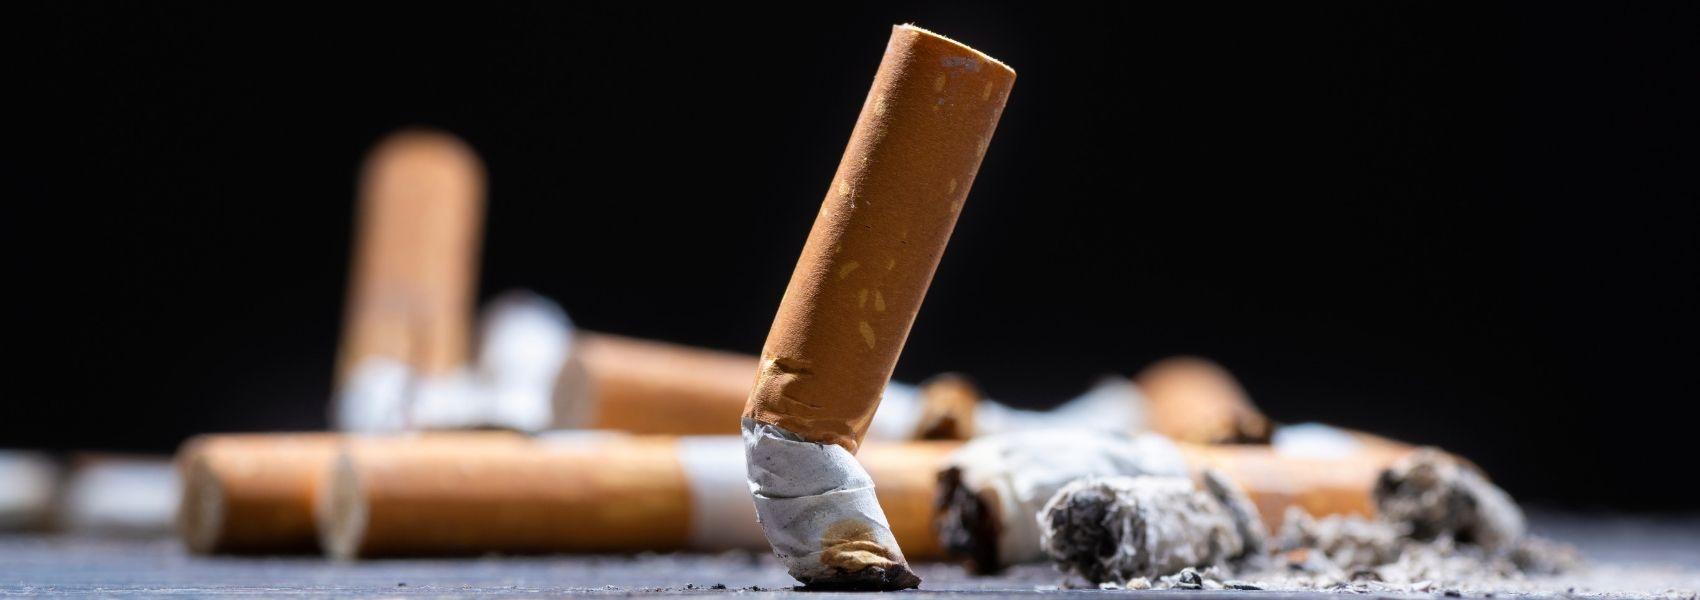 O risco de continuar a fumar após o diagnóstico de cancro do pulmão